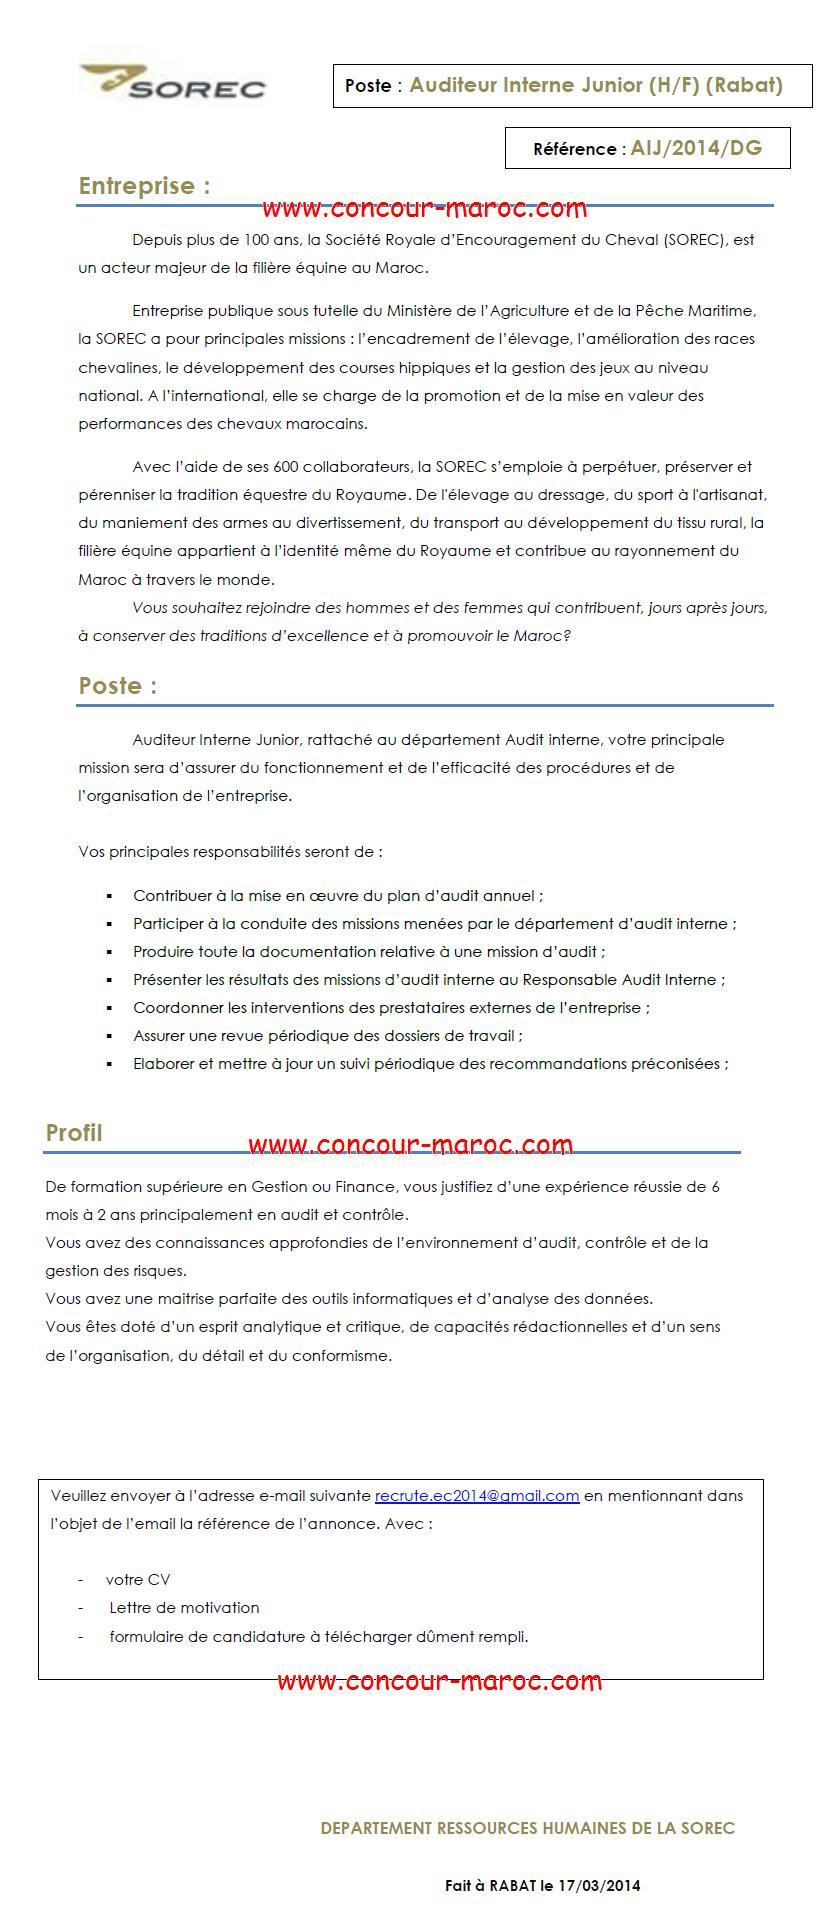 الشركة الملكية لتشجيع الفرس : مباراة لتوظيف مدقق داخلي (1 منصب) آخر أجل لإيداع الترشيحات 1 ابريل 2014 Concou79